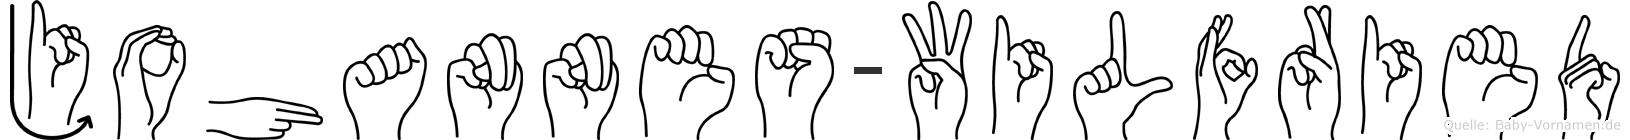 Johannes-Wilfried im Fingeralphabet der Deutschen Gebärdensprache